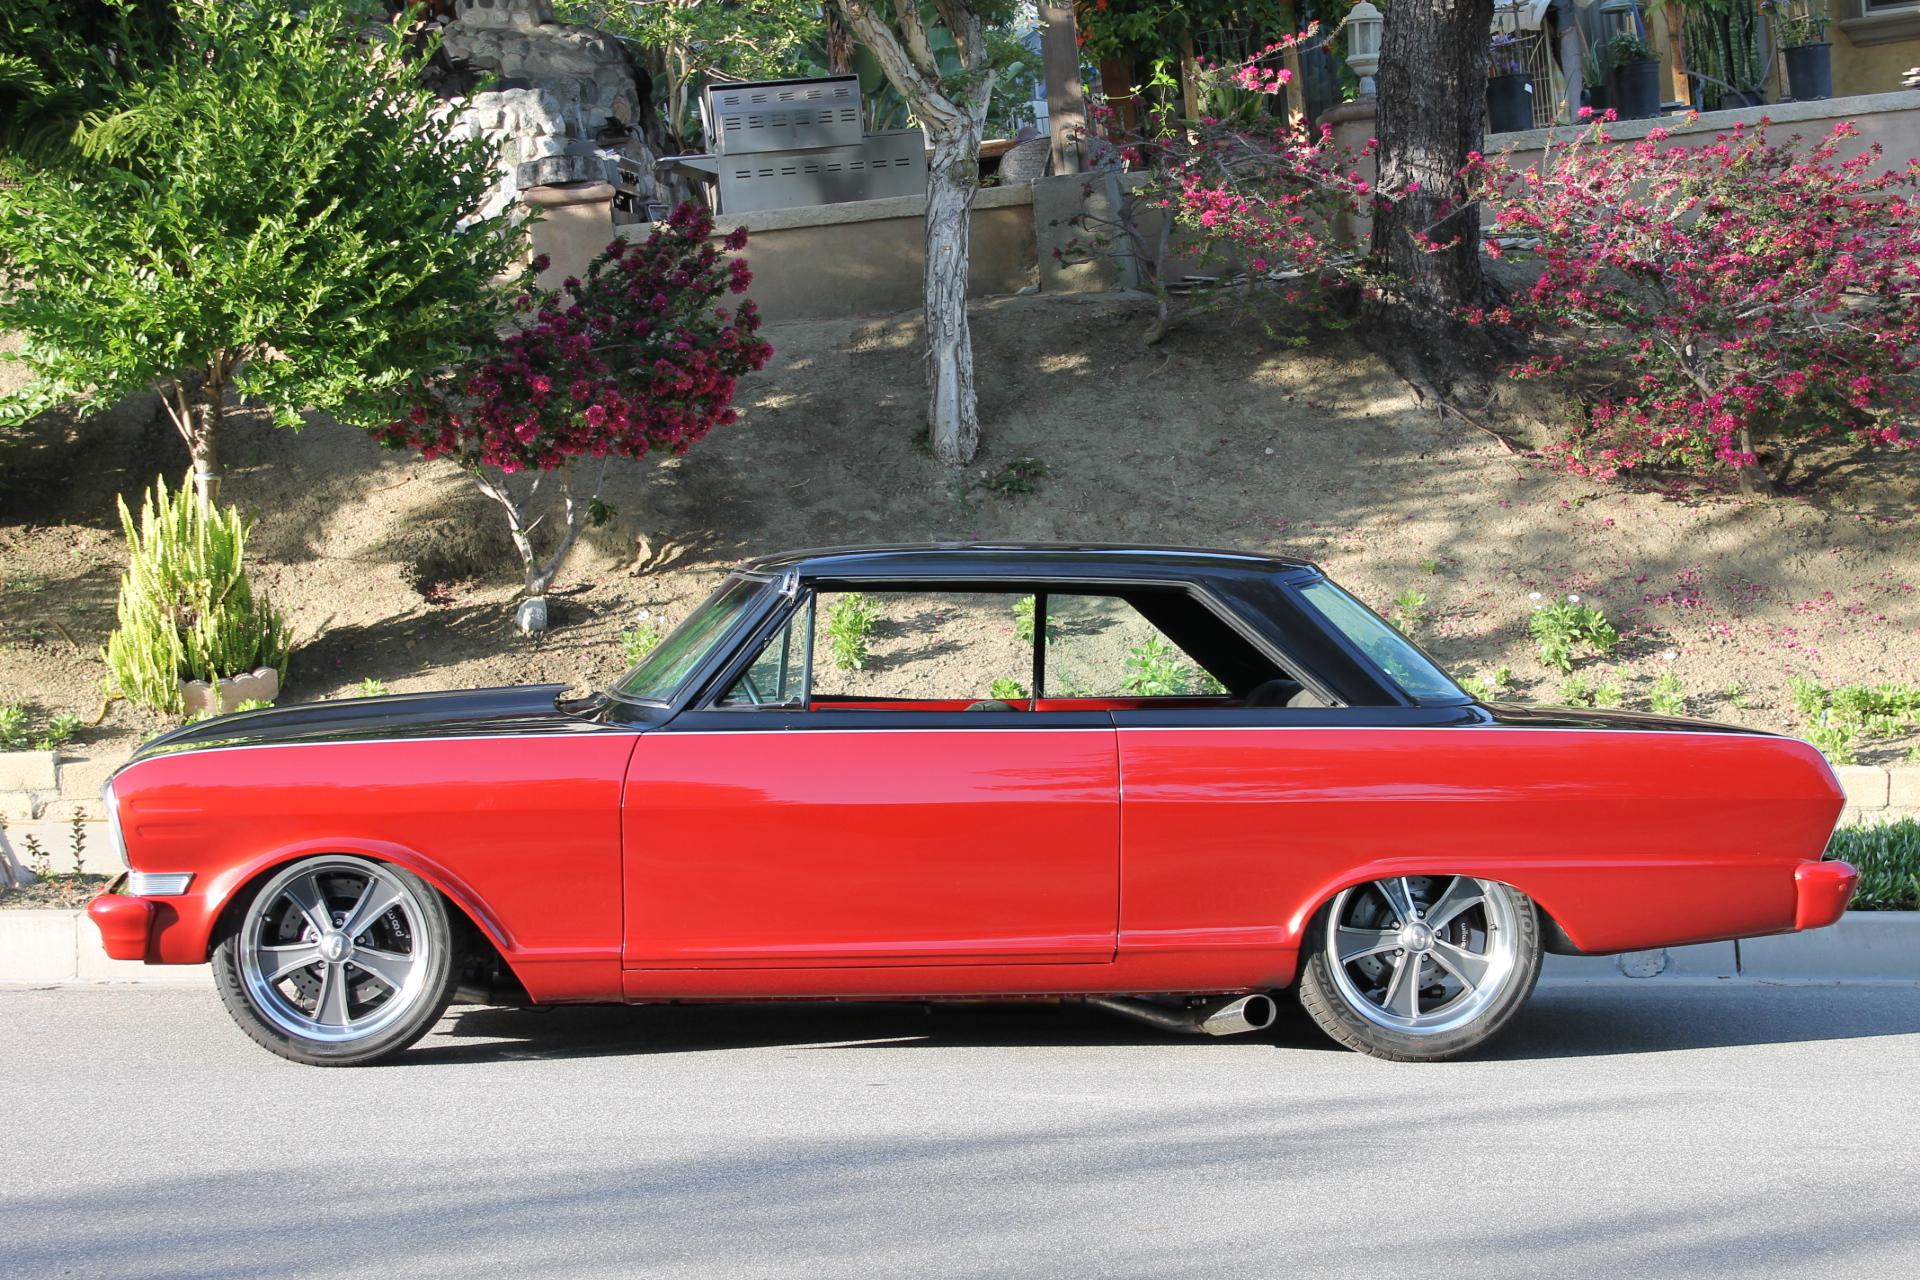 1963 Chevrolet Nova The Vault Classic Cars